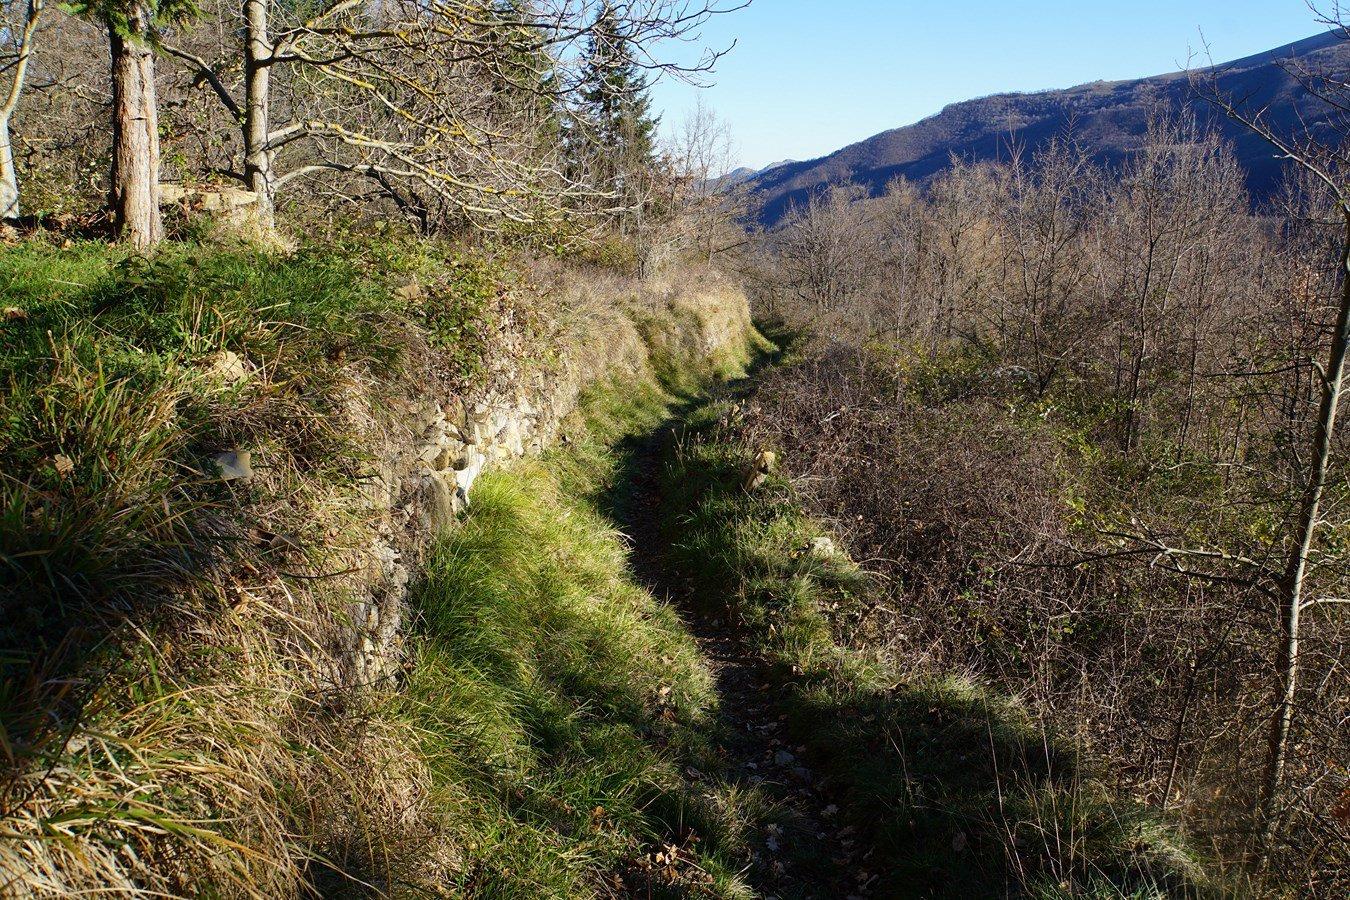 il sentiero che scende/sale dalla dorsale del Prealba a Cenova